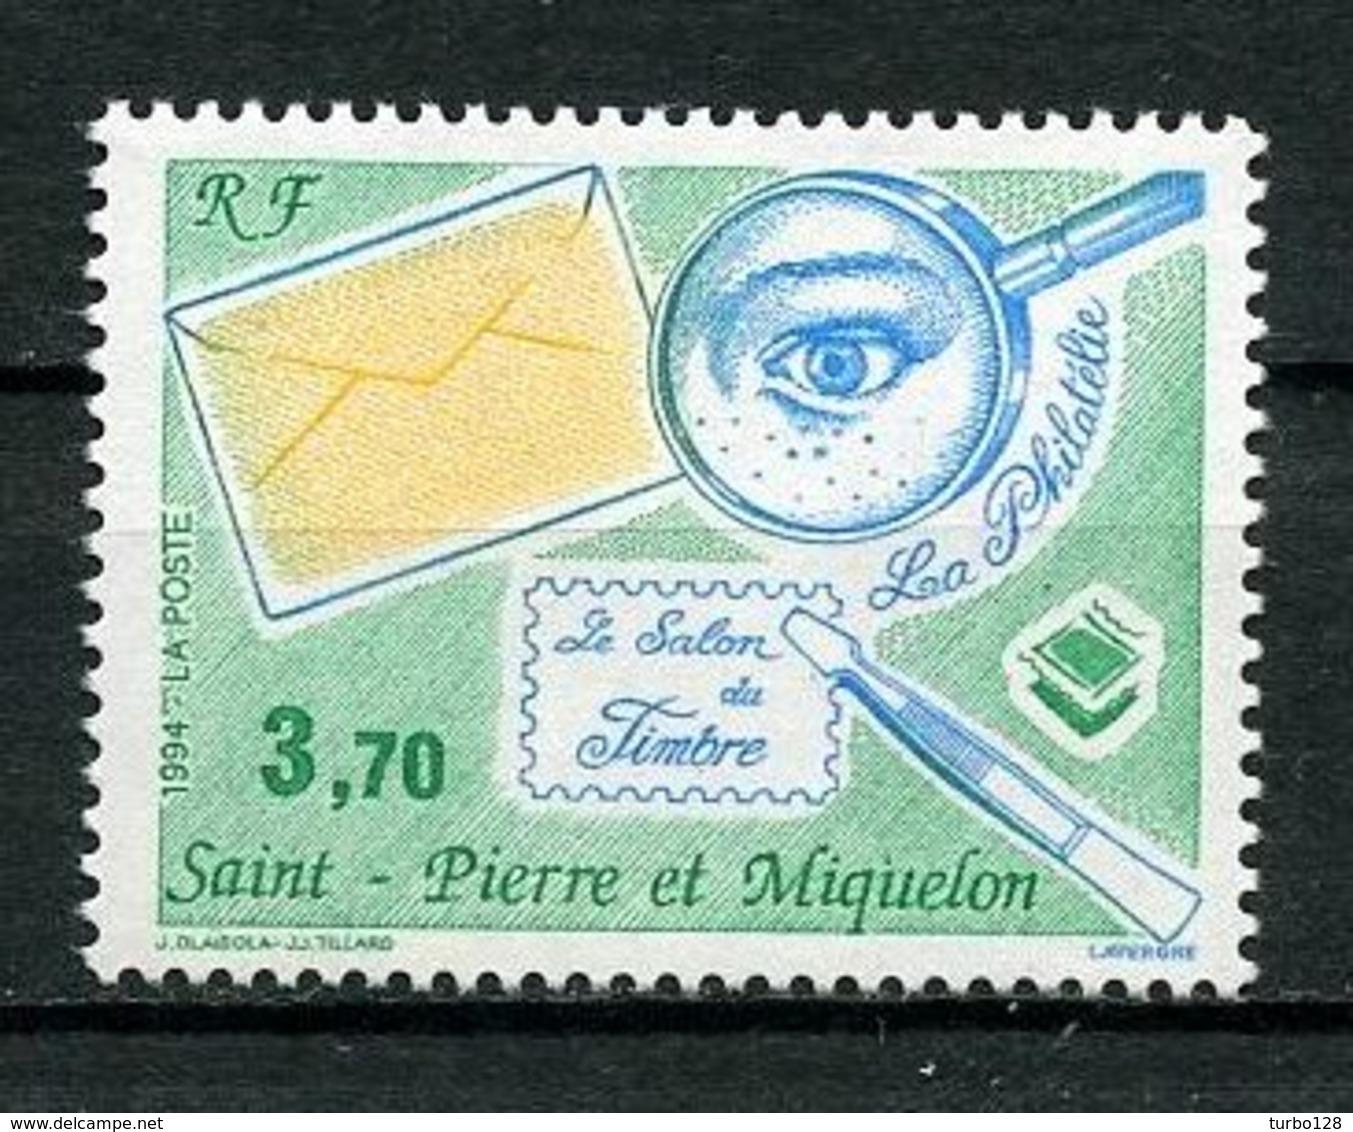 SPM MIQUELON 1994 N° 606 ** Neuf MNH Superbe C 2 € Le Salon Du Timbre Paris Pince Loupe Stamps - St.Pierre Et Miquelon